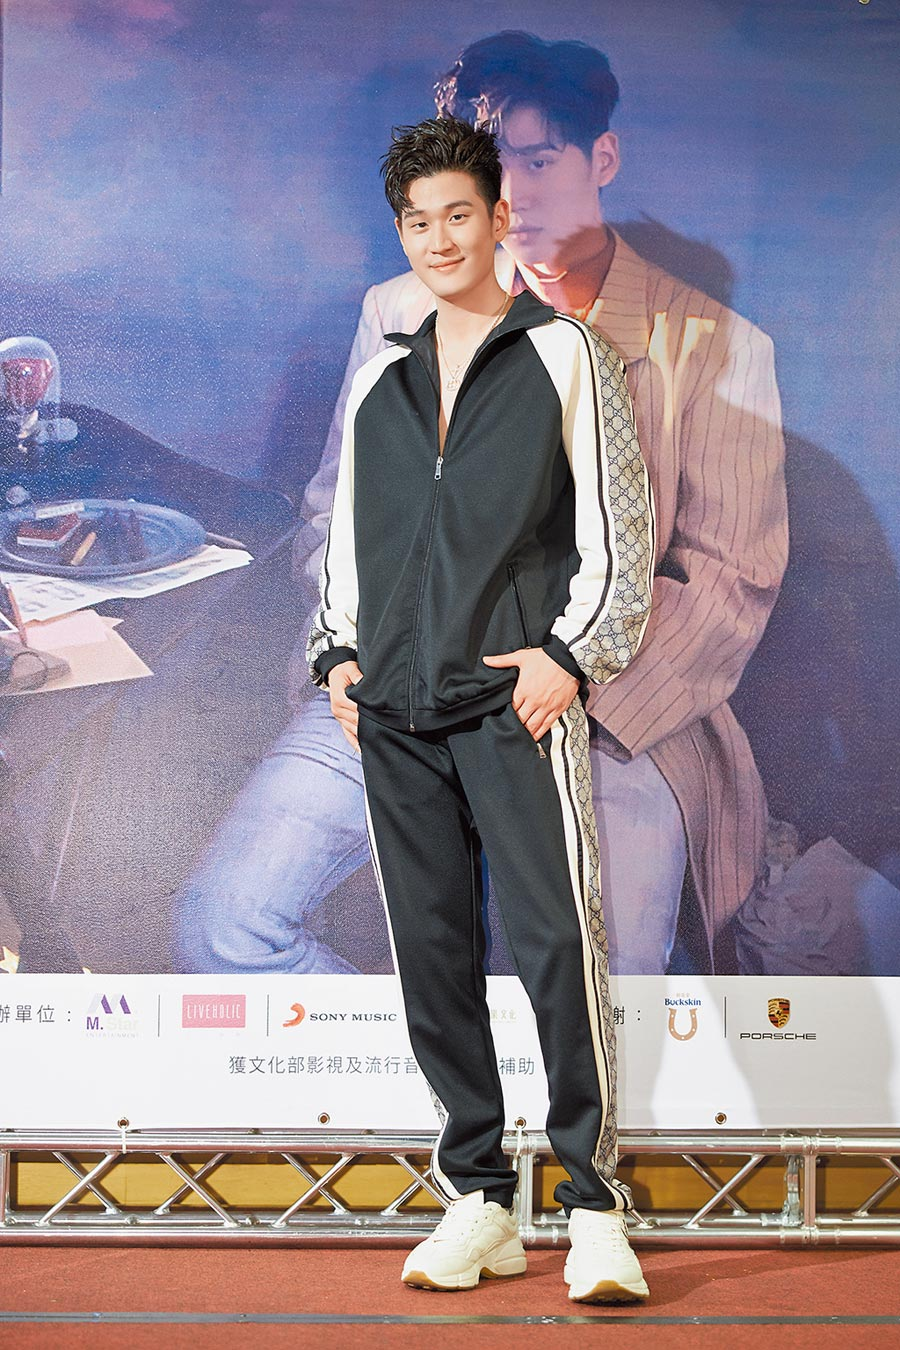 周興哲《你,好不好》亞洲巡迴演唱會台北站大秀運動時尚,全身穿最熱的GUCCI運動上衣與長褲。(本報資料照)